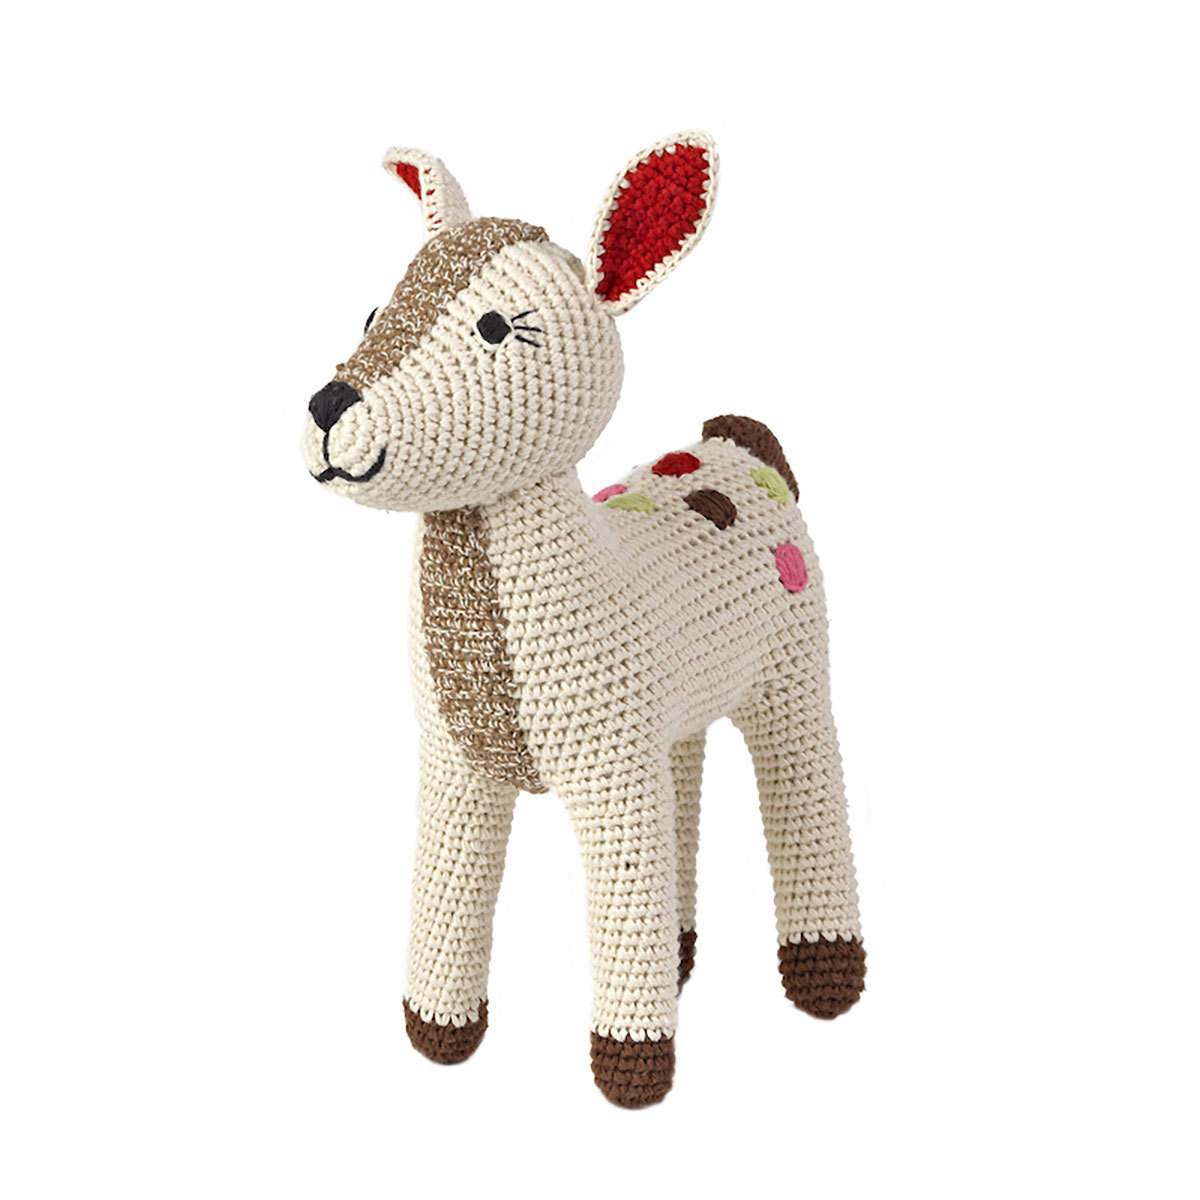 Peluche Peluche Faon Bambi en Crochet 23 cm Peluche Faon Bambi en Crochet 23 cm